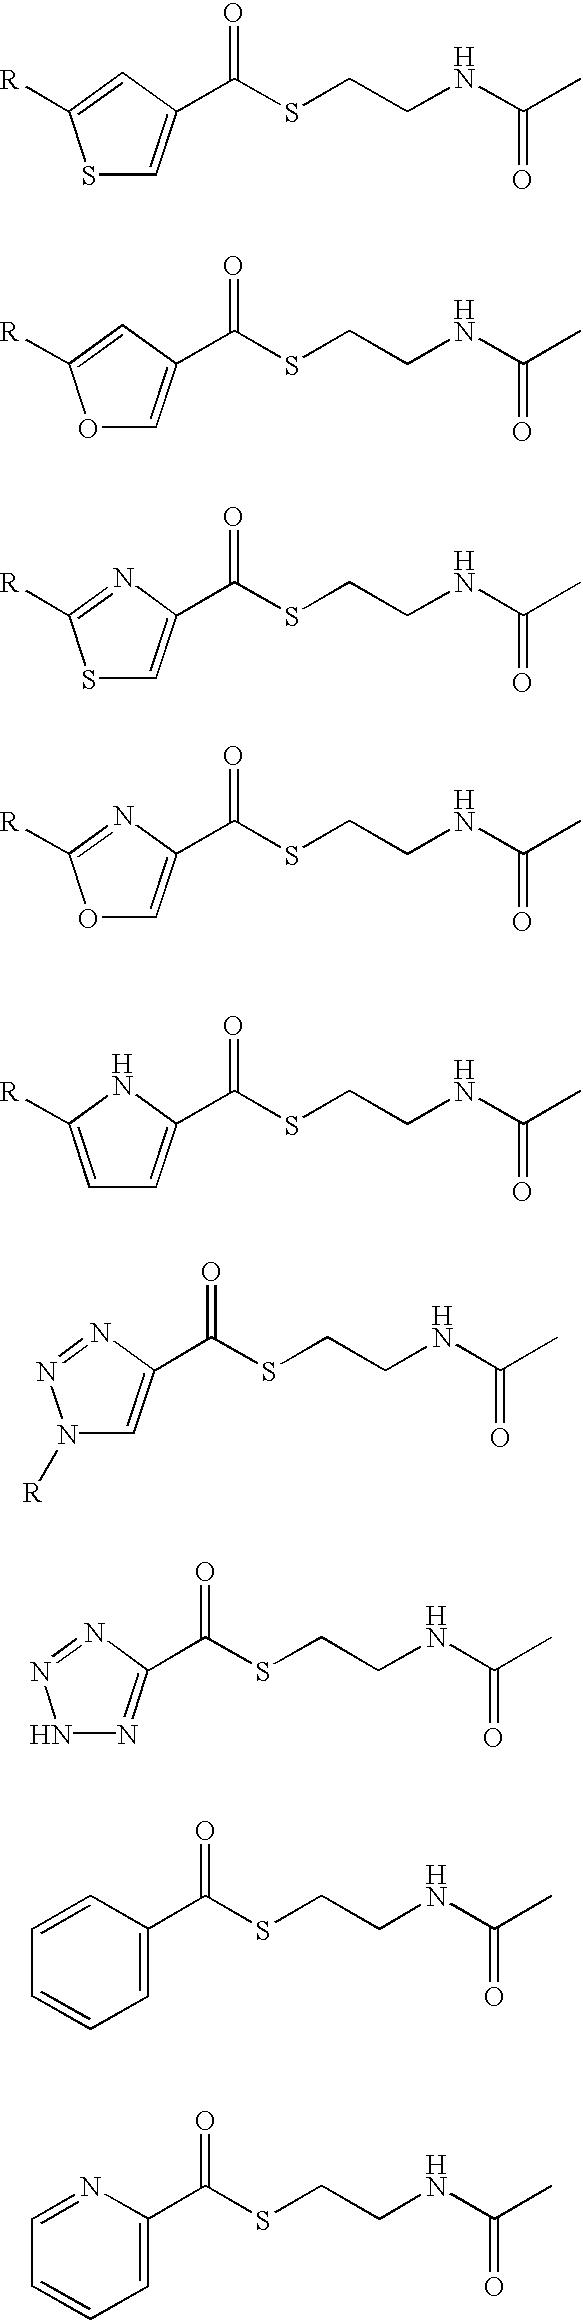 Figure US06583290-20030624-C00016